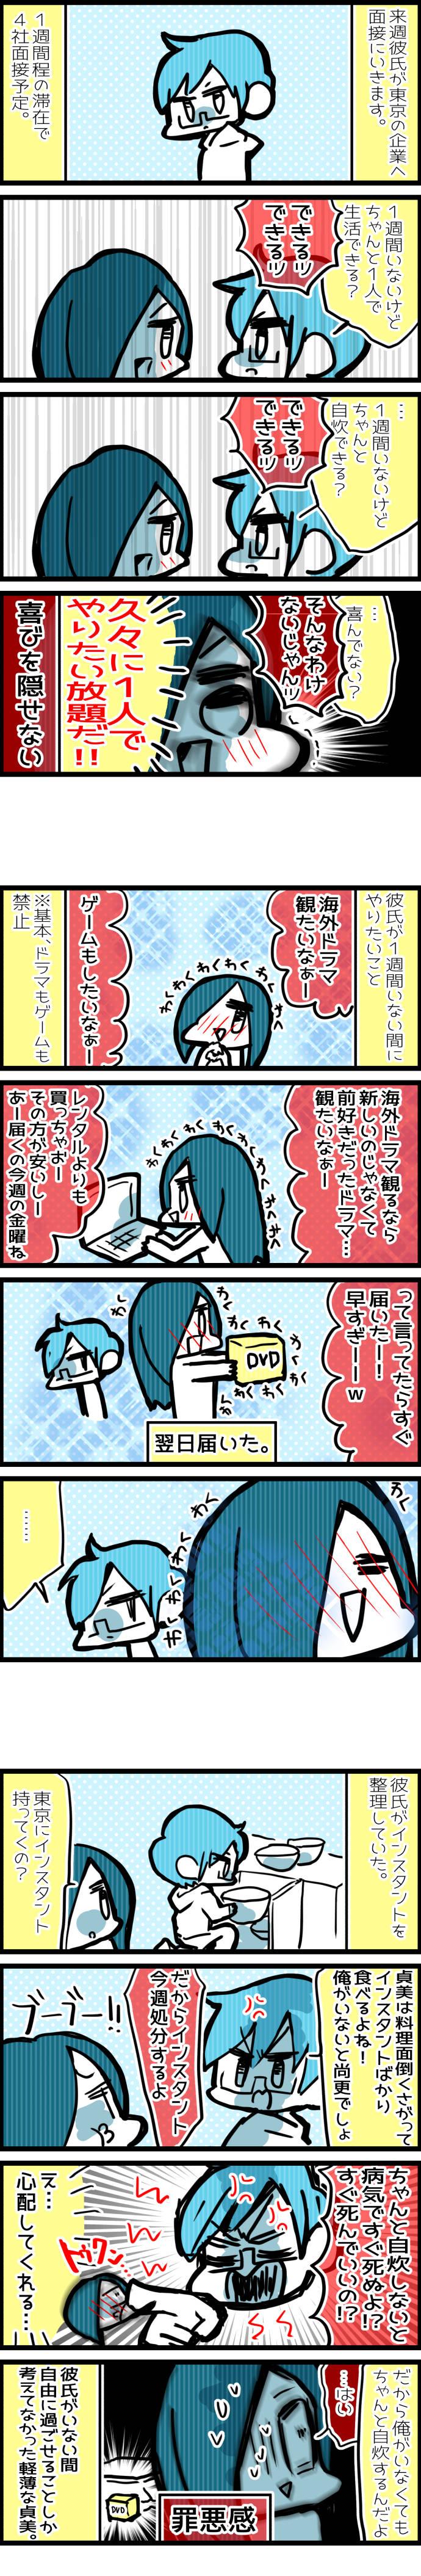 neetsadami.com_22話